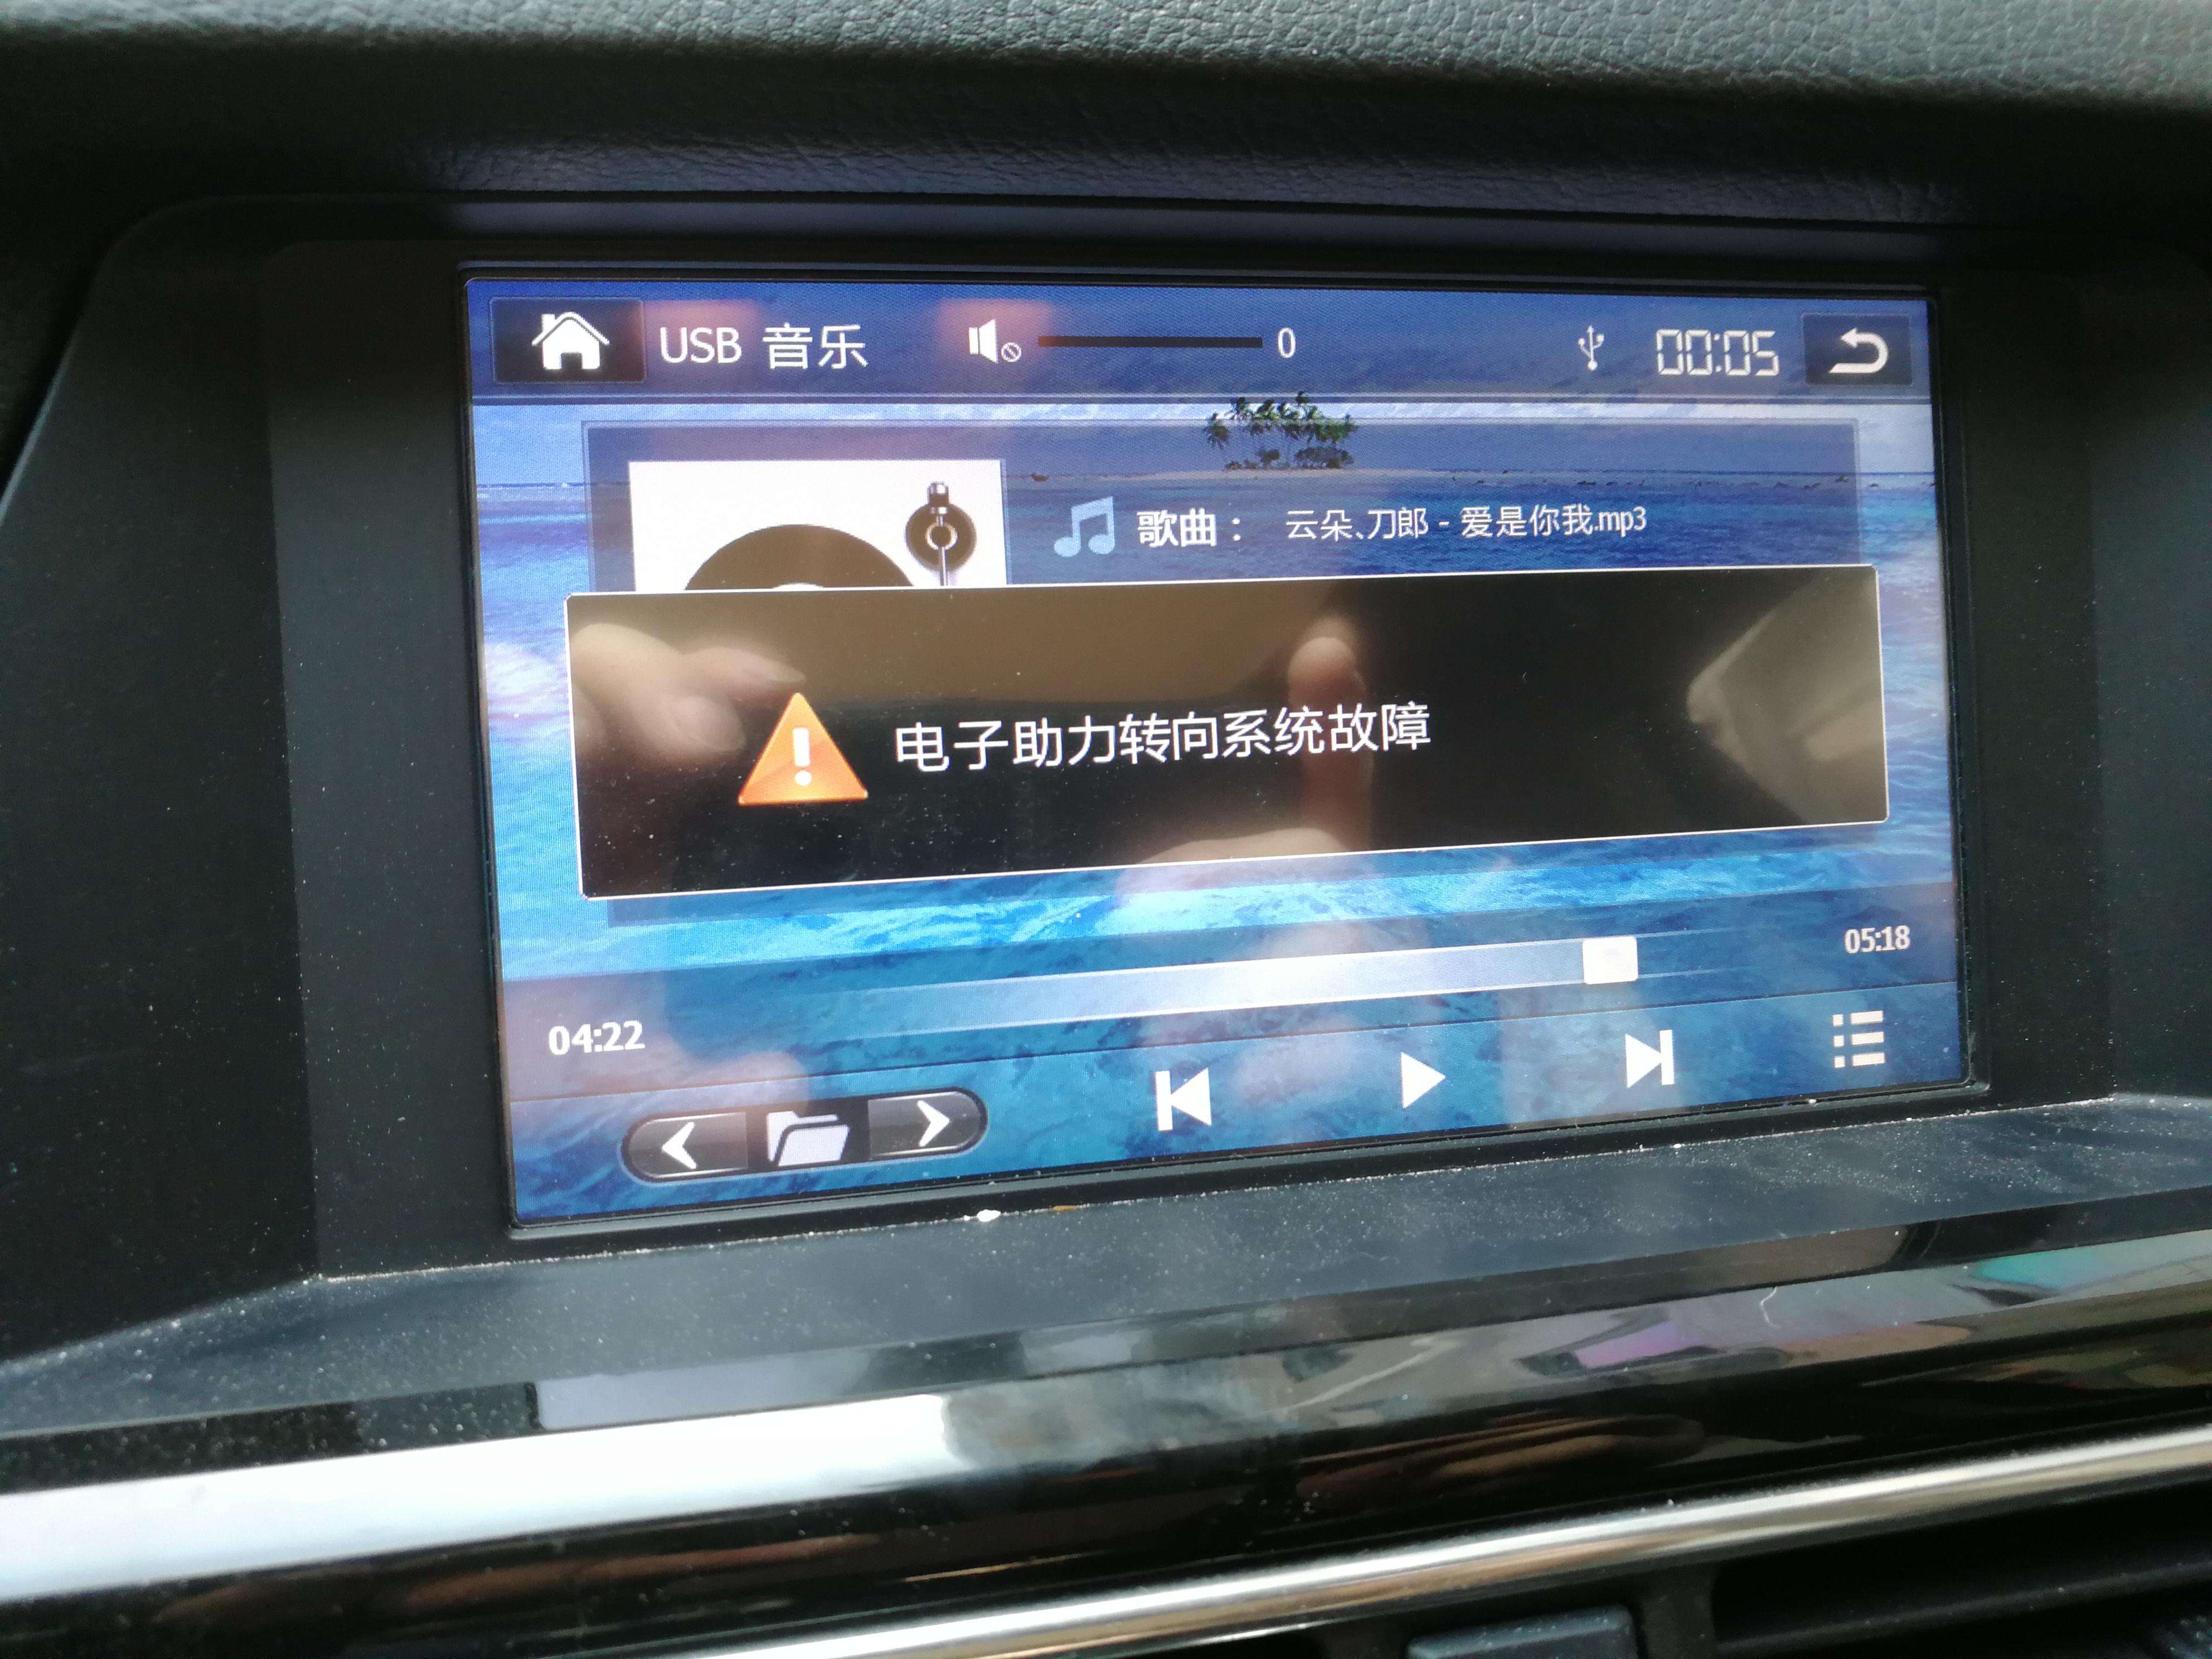 众泰-大迈X5 车辆无法启动,显示多项故障